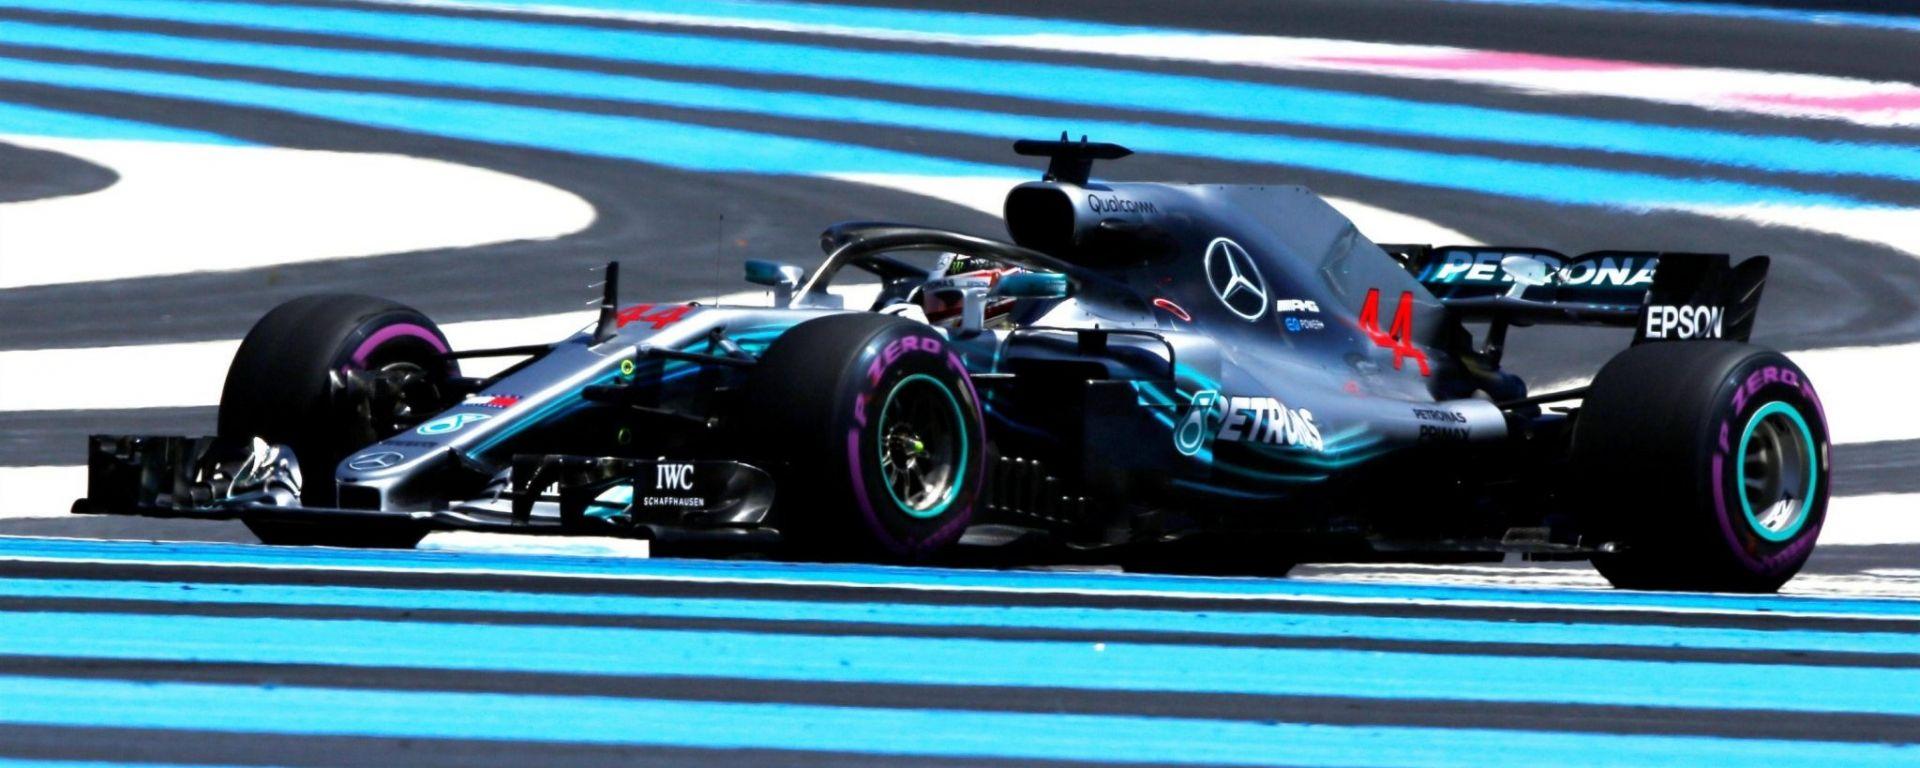 GP Francia, FP1: Mercedes davanti a tutti mentre Ferrari arranca. Ericsson vede andare a fuoco l'Alfa Romeo Sauber